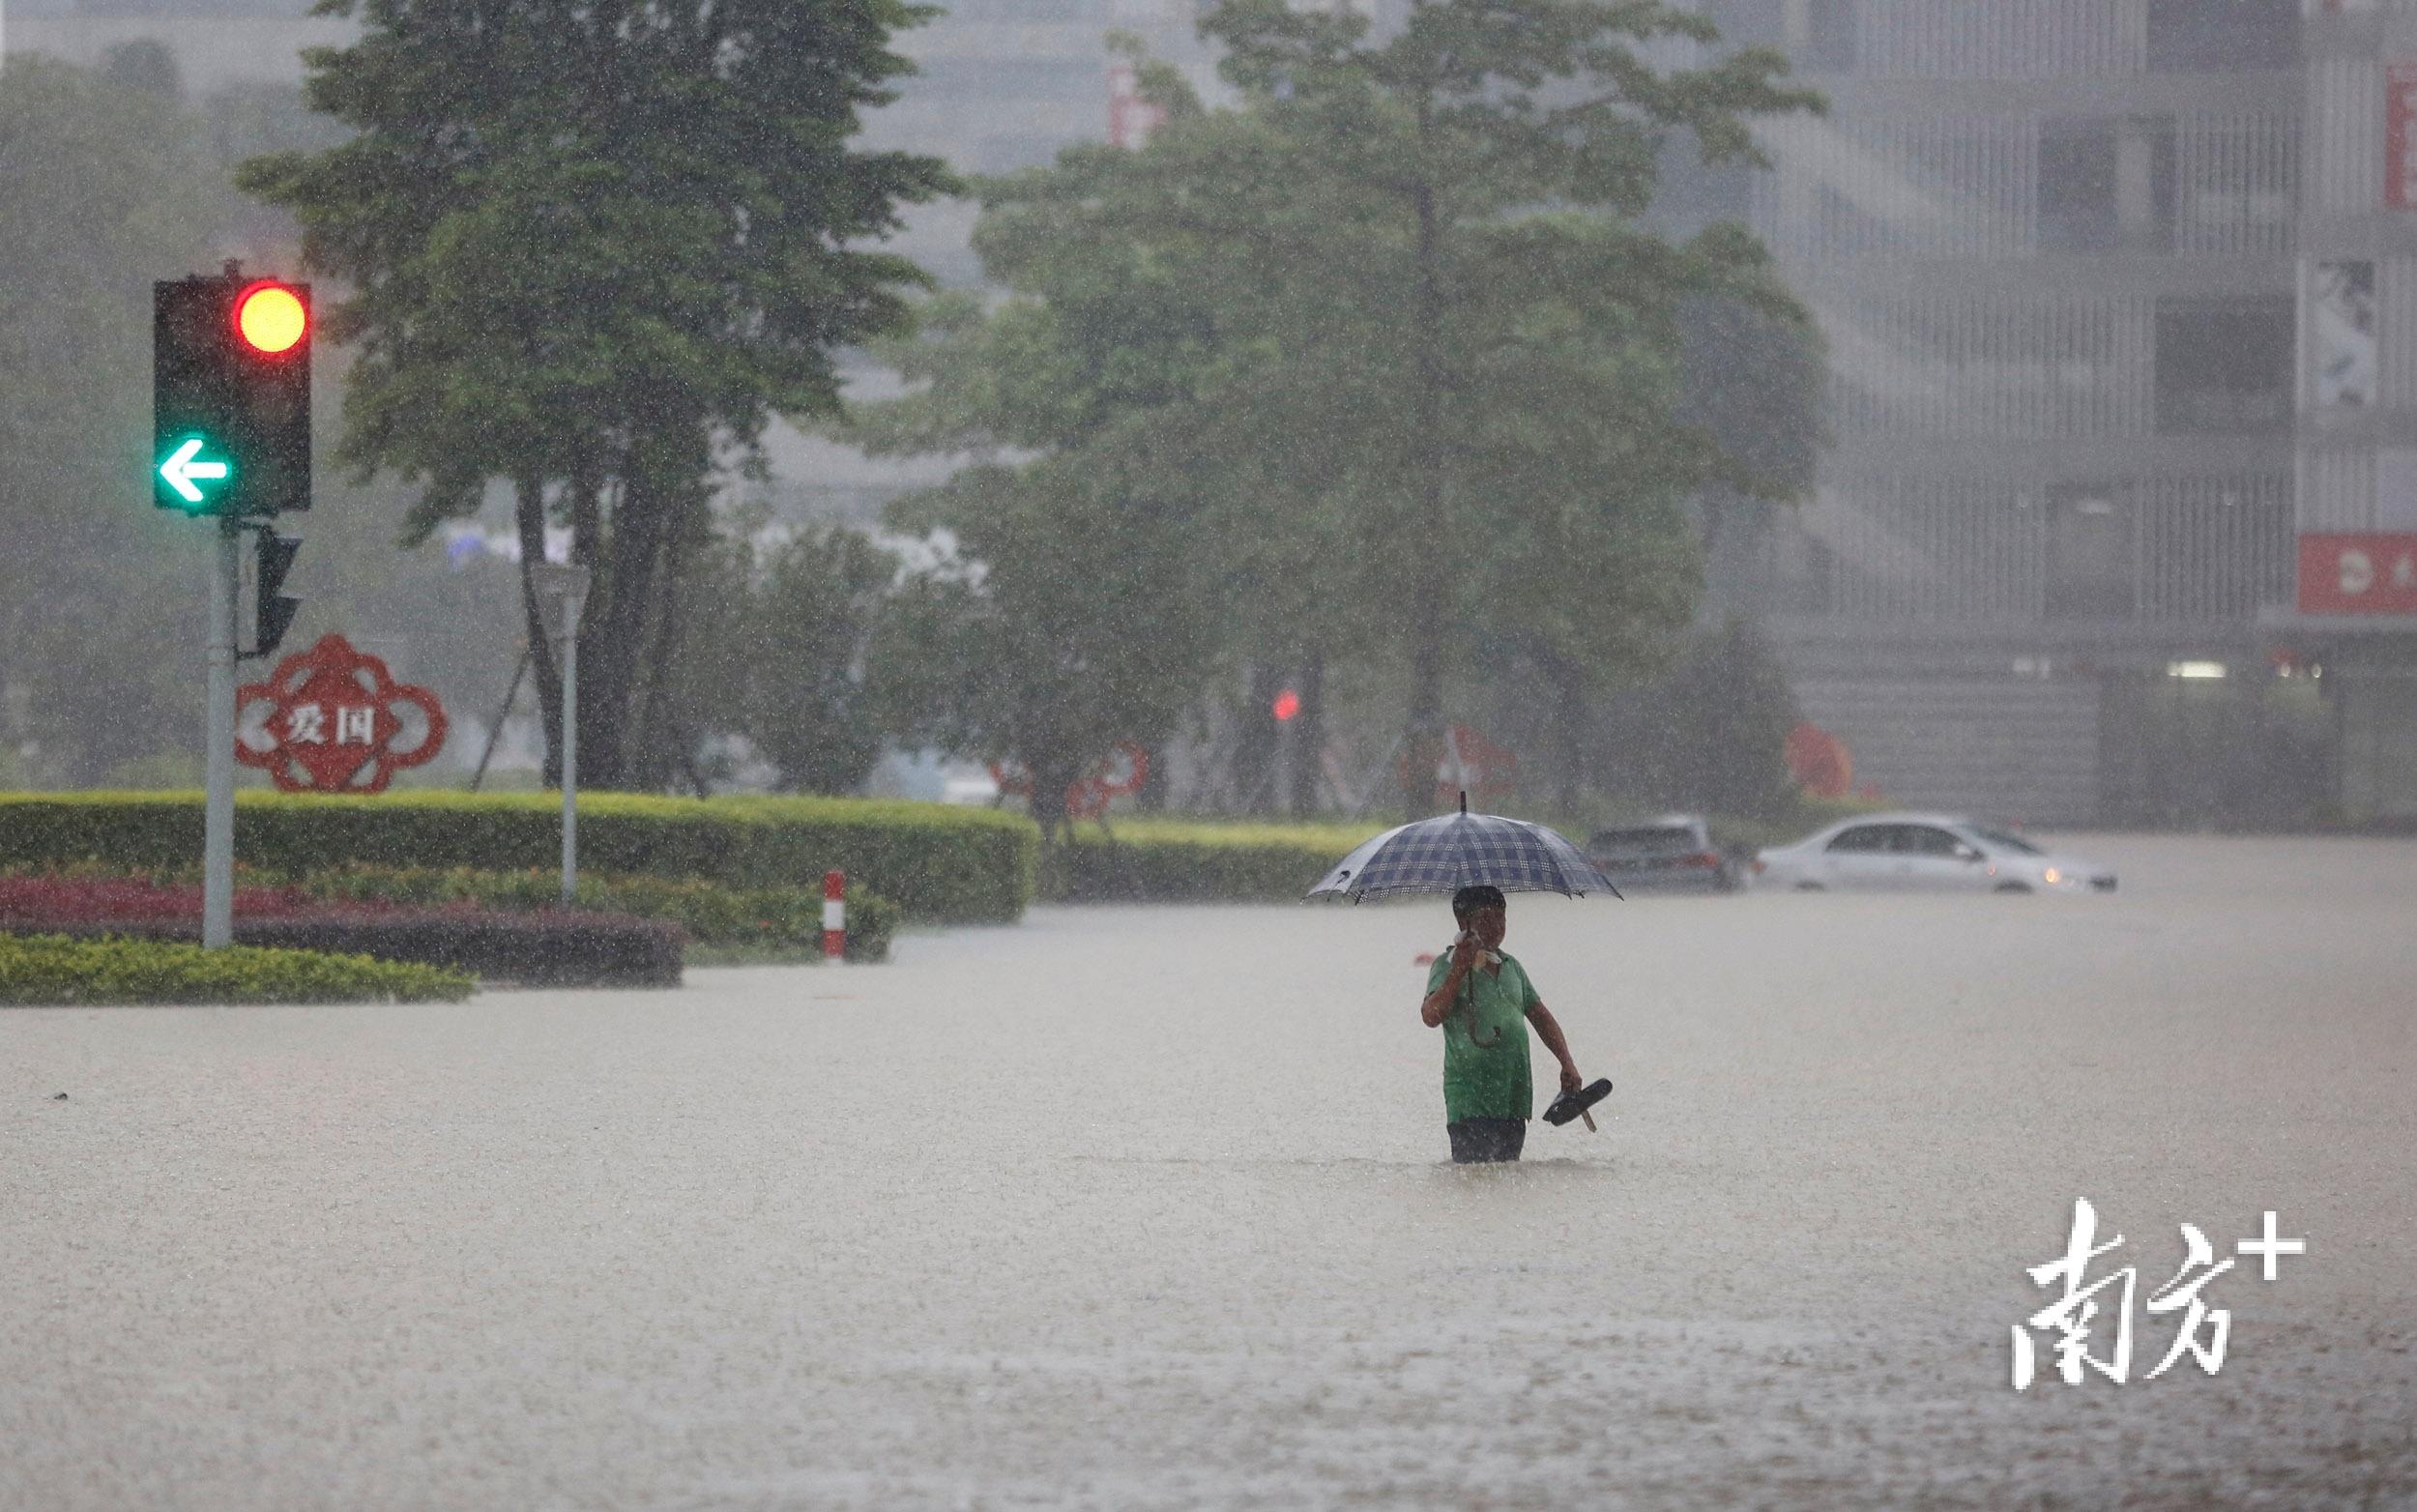 10月10日11时45分,三乡镇兴盛路,雨一直下,积水已经没过路人的膝盖。</p><p>南方+ 叶志文 摄